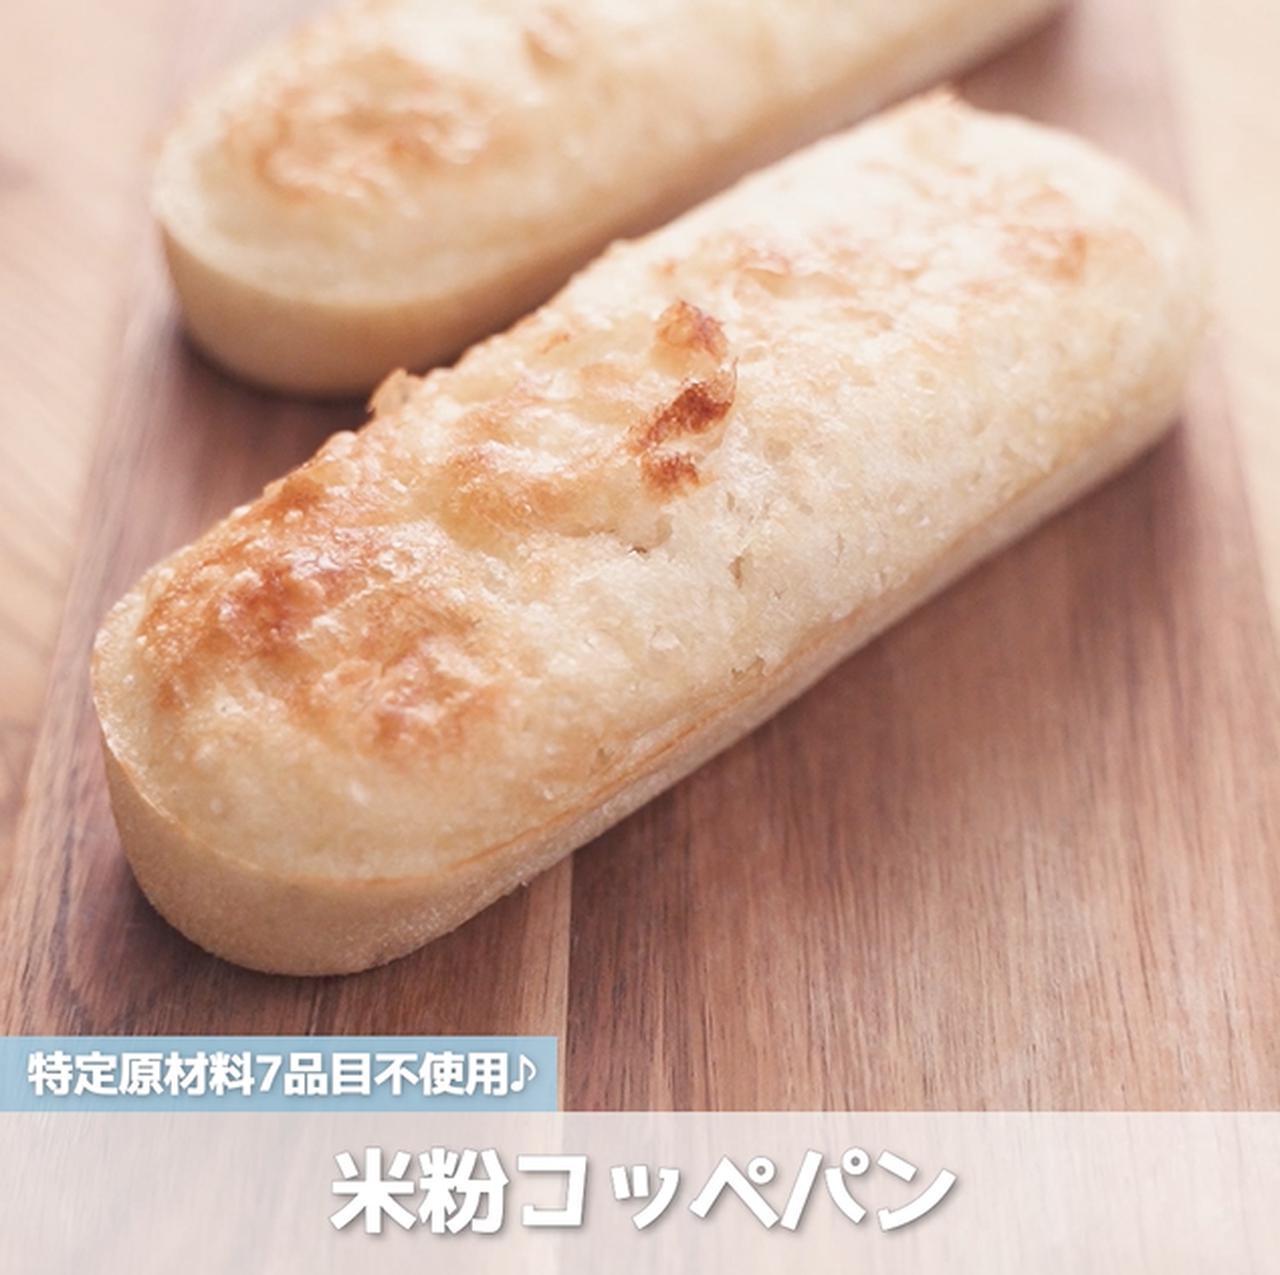 画像: 卵・小麦・乳不使用‼米粉パンミックスで作る、米粉コッペパン - 君とごはん